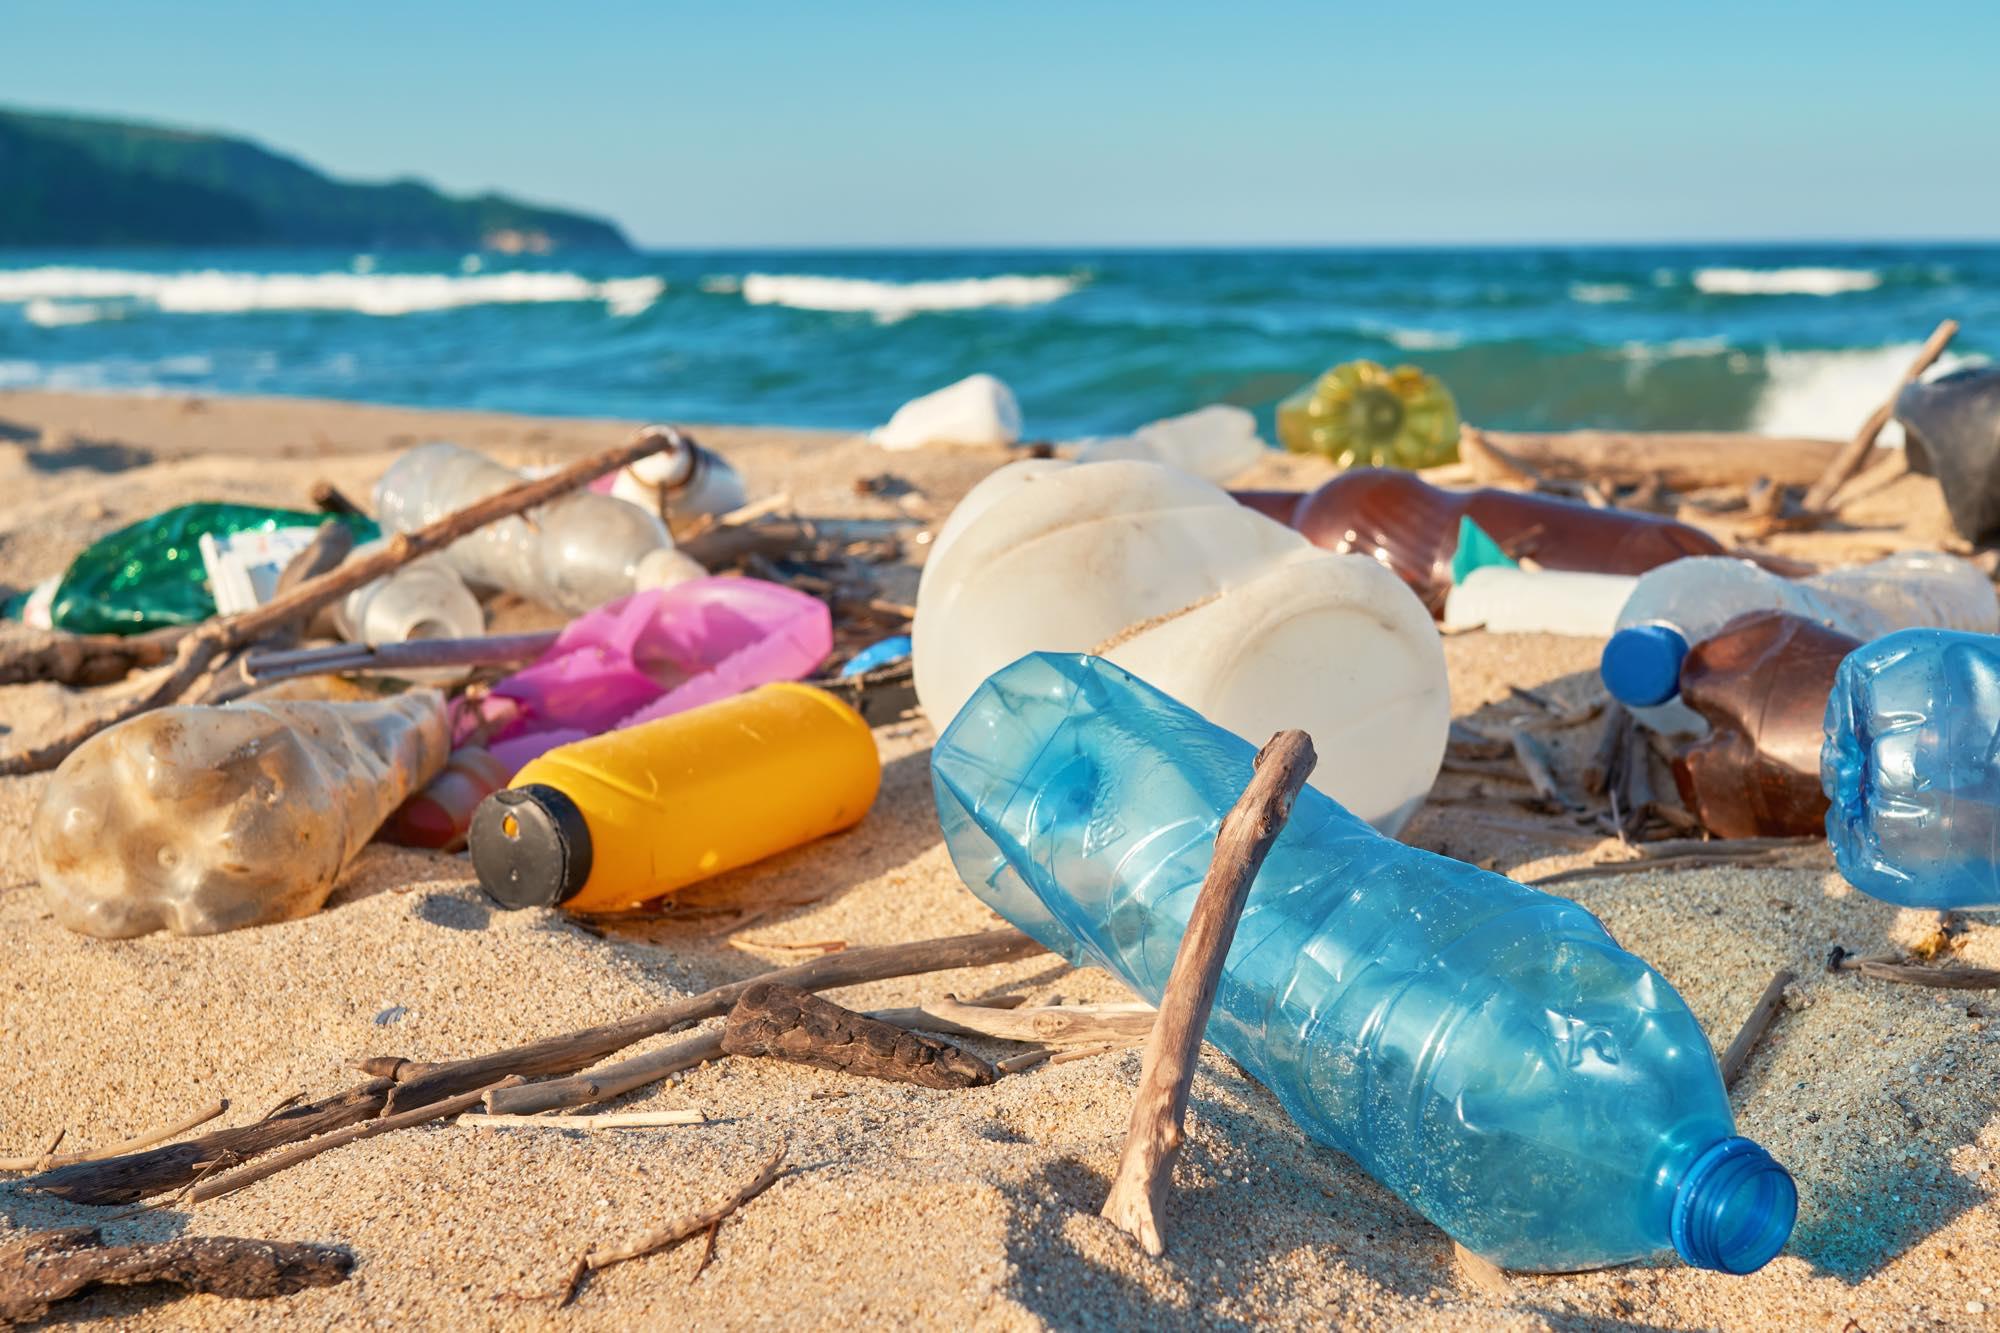 【アンケート】海洋ゴミ問題について、あなたの意見を聞かせてください